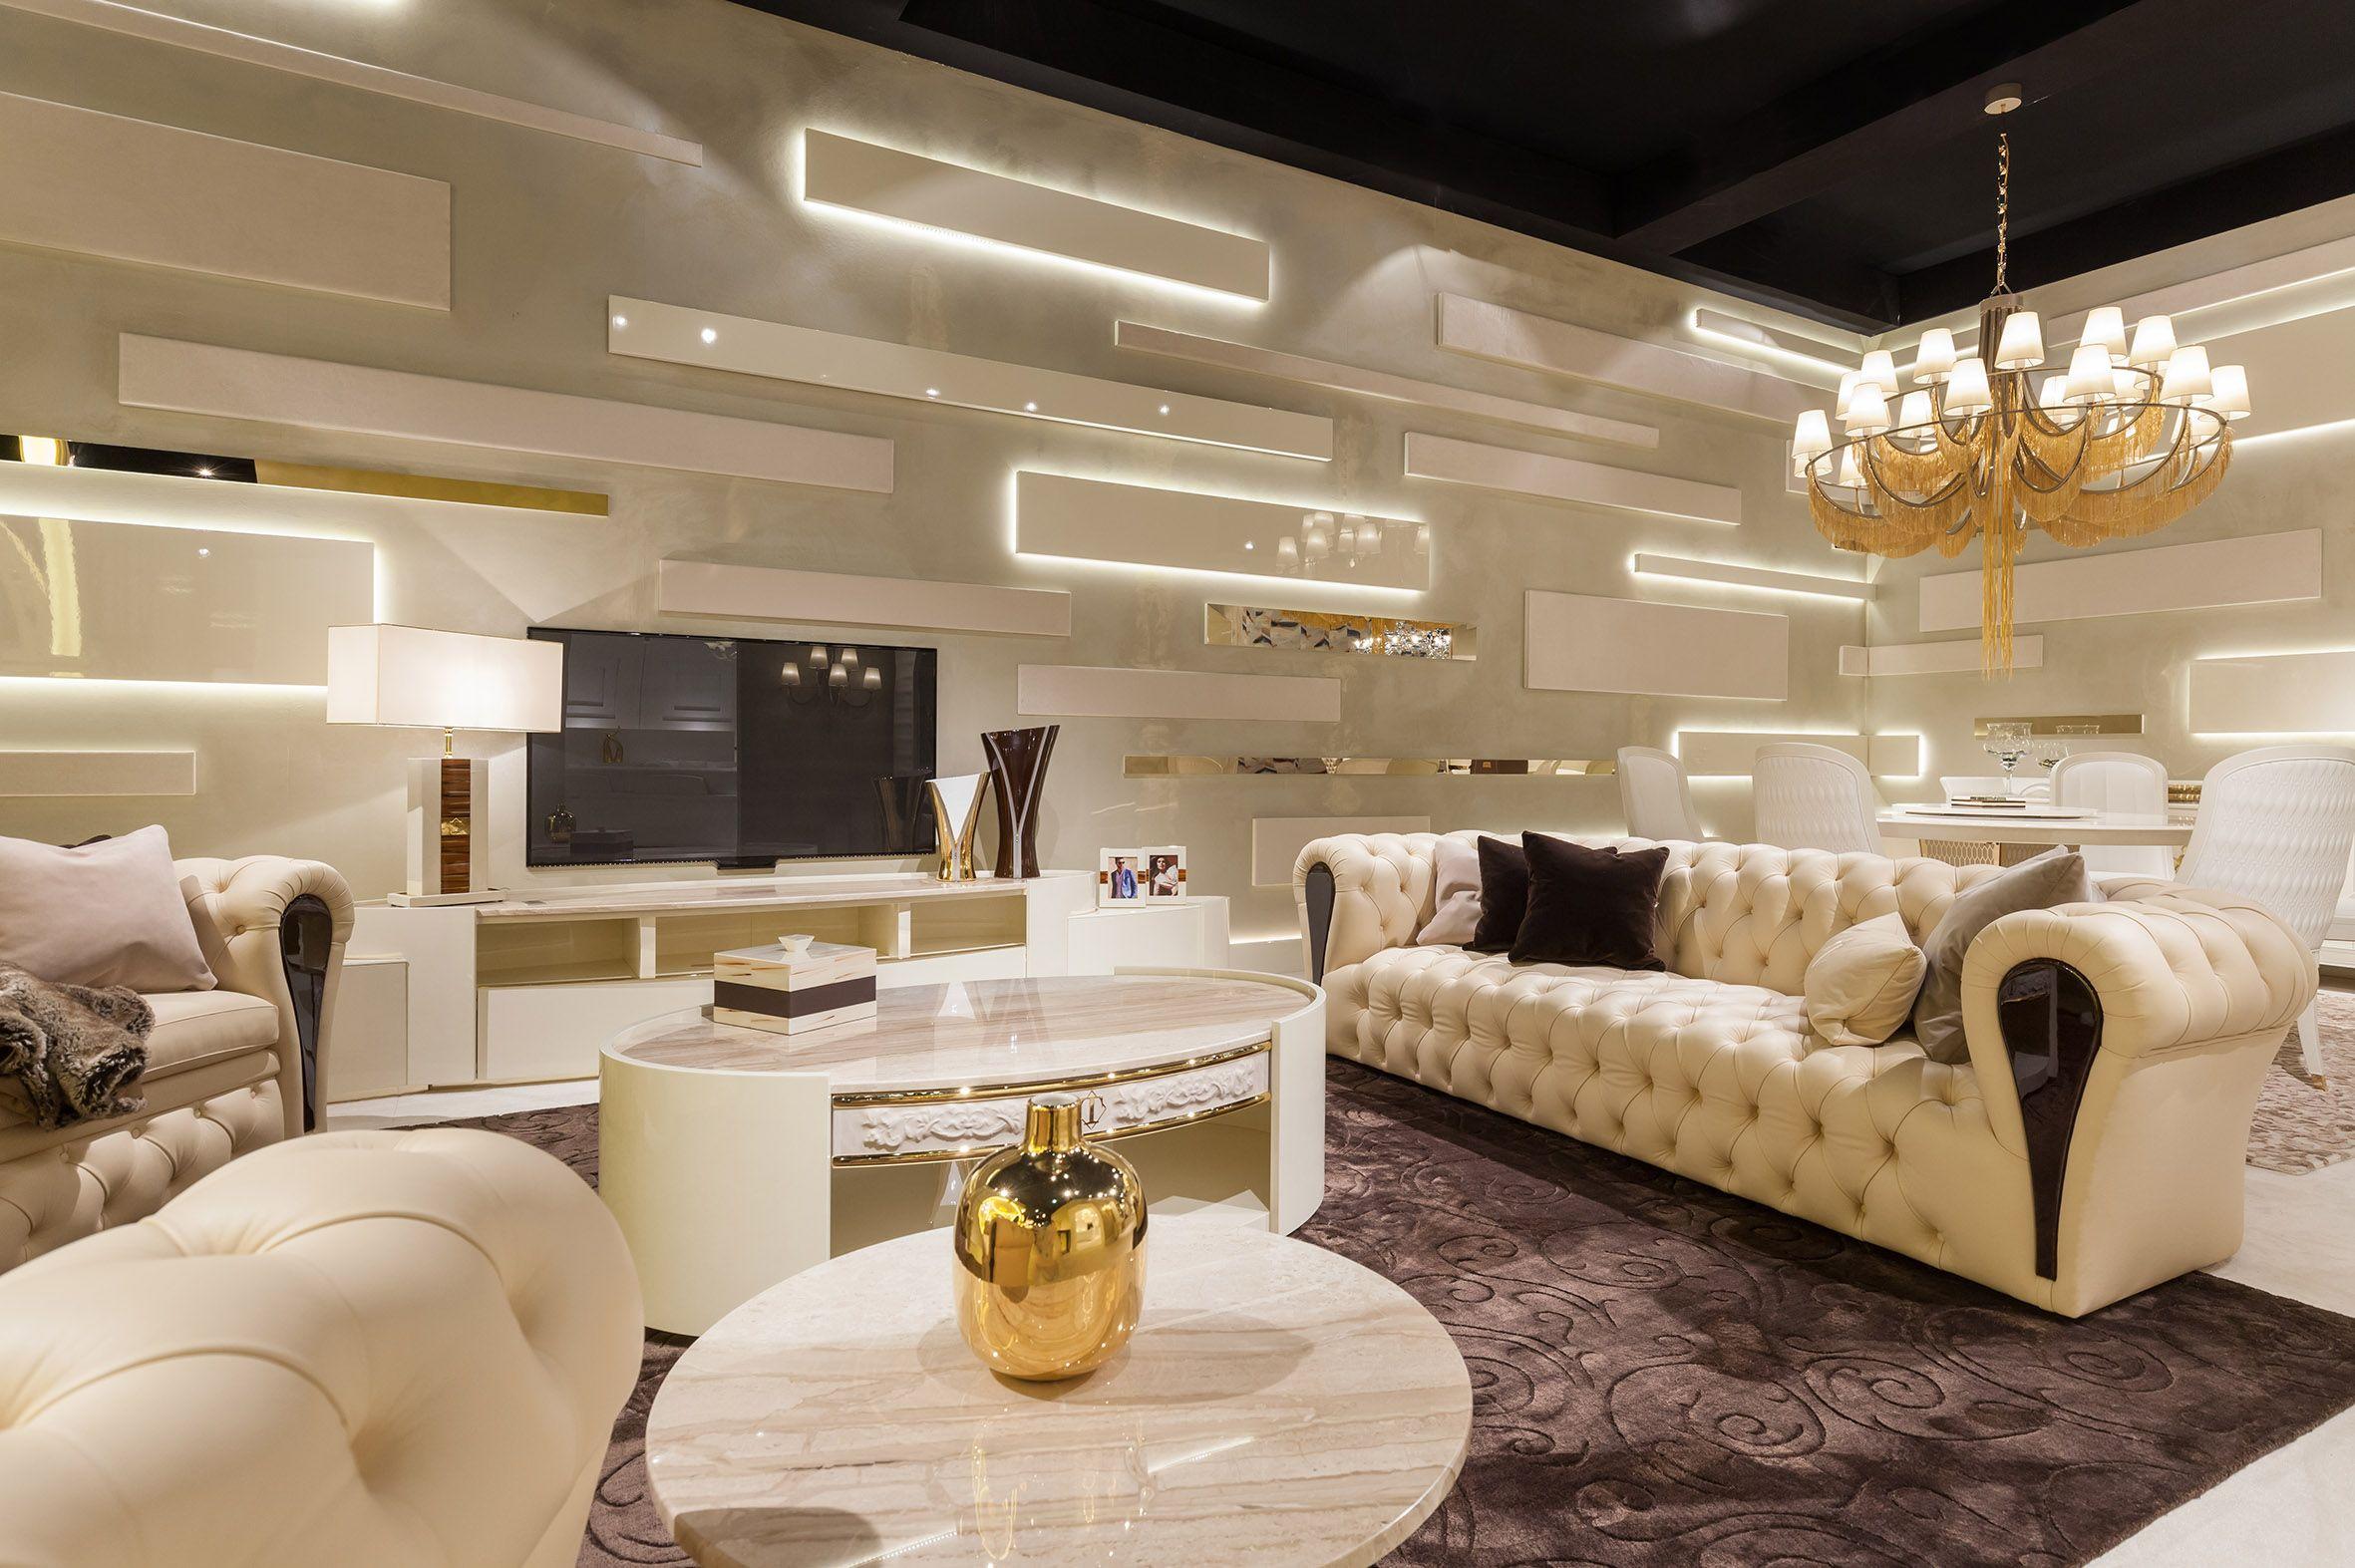 Italian Luxury Furniture Salone Internazionale del